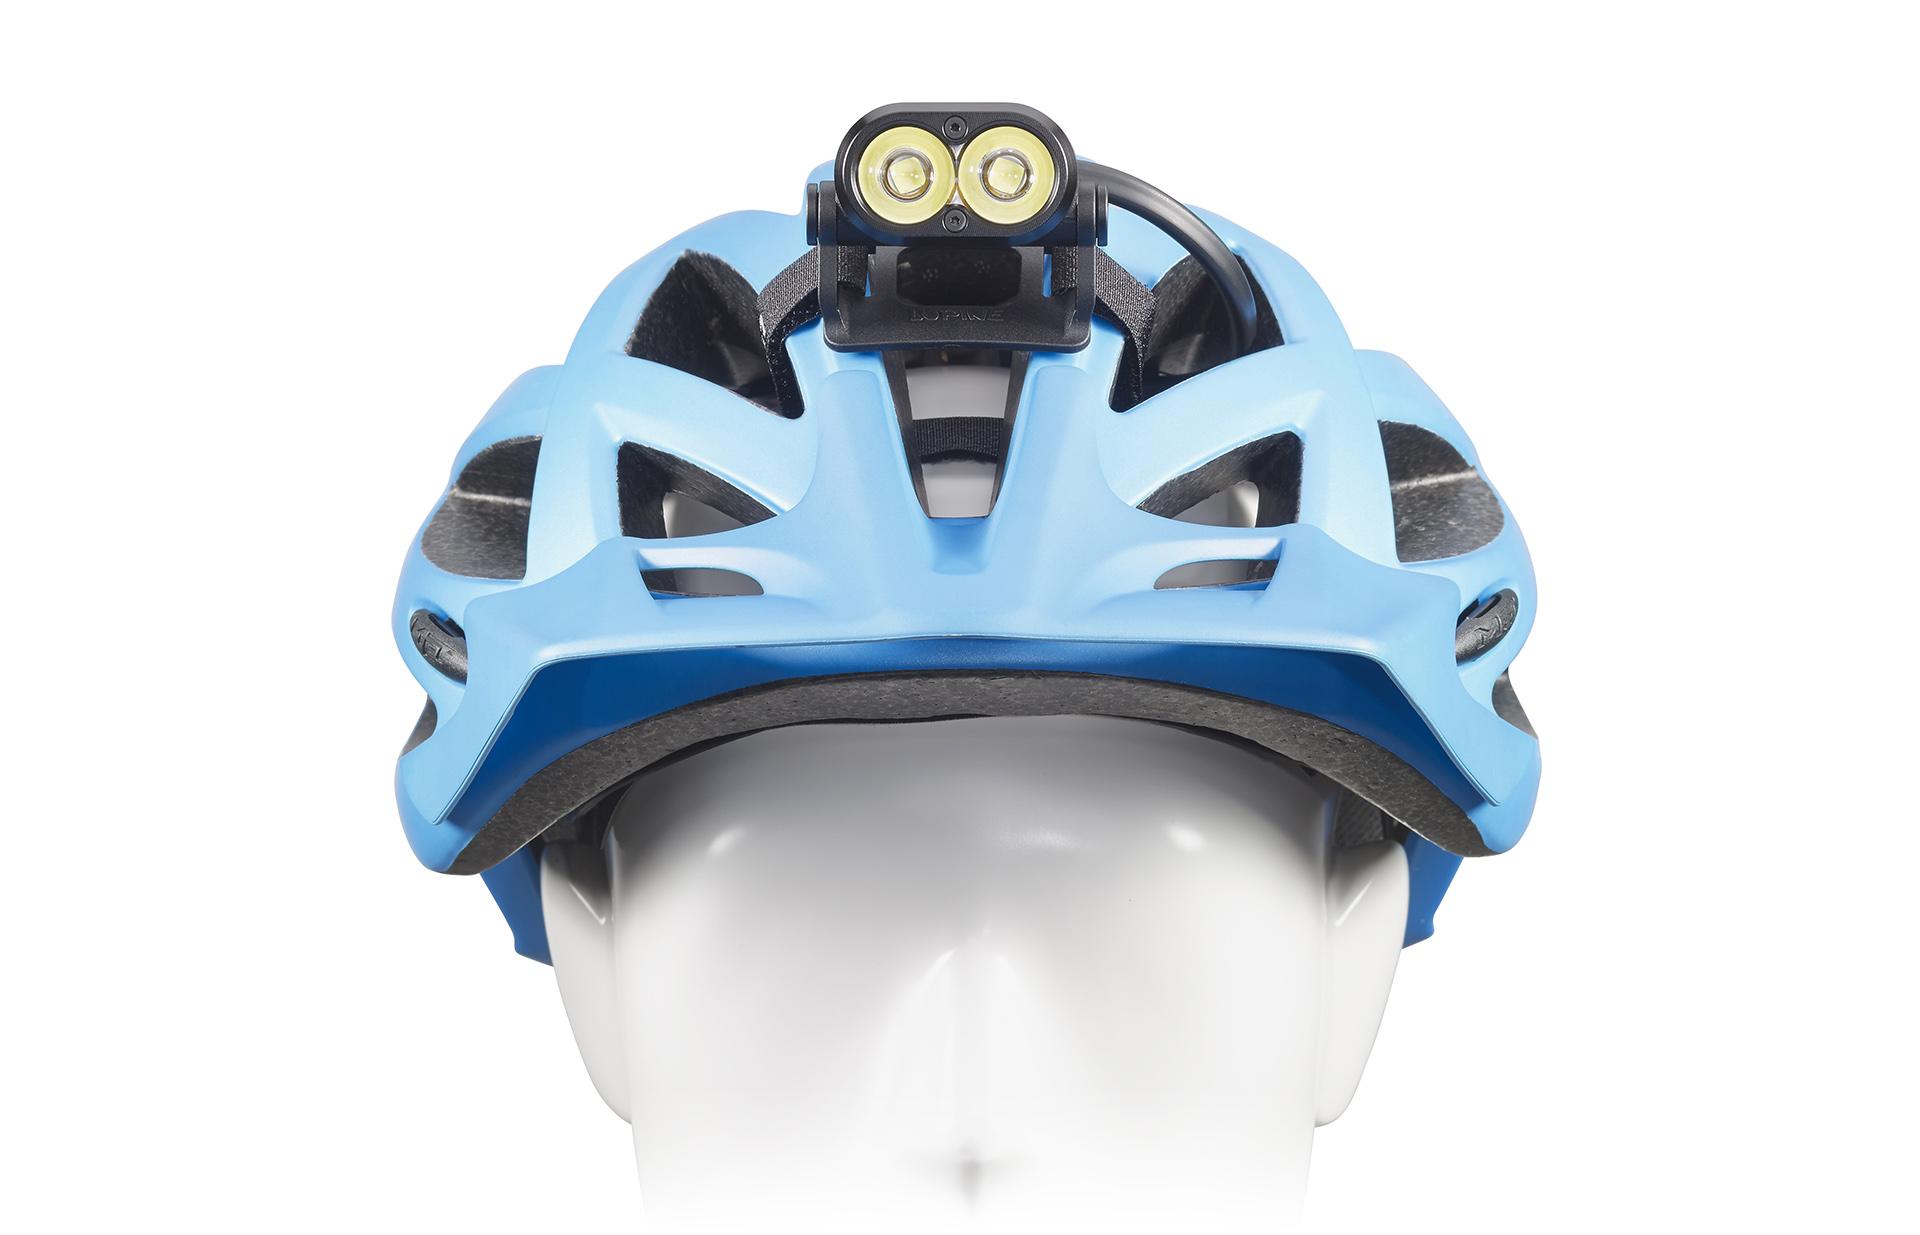 Die Lupine Piko R$ lässt sich dank diverser Befestigungsmöglichkeiten für den Lampenkopf an jedem Helm befestigen.